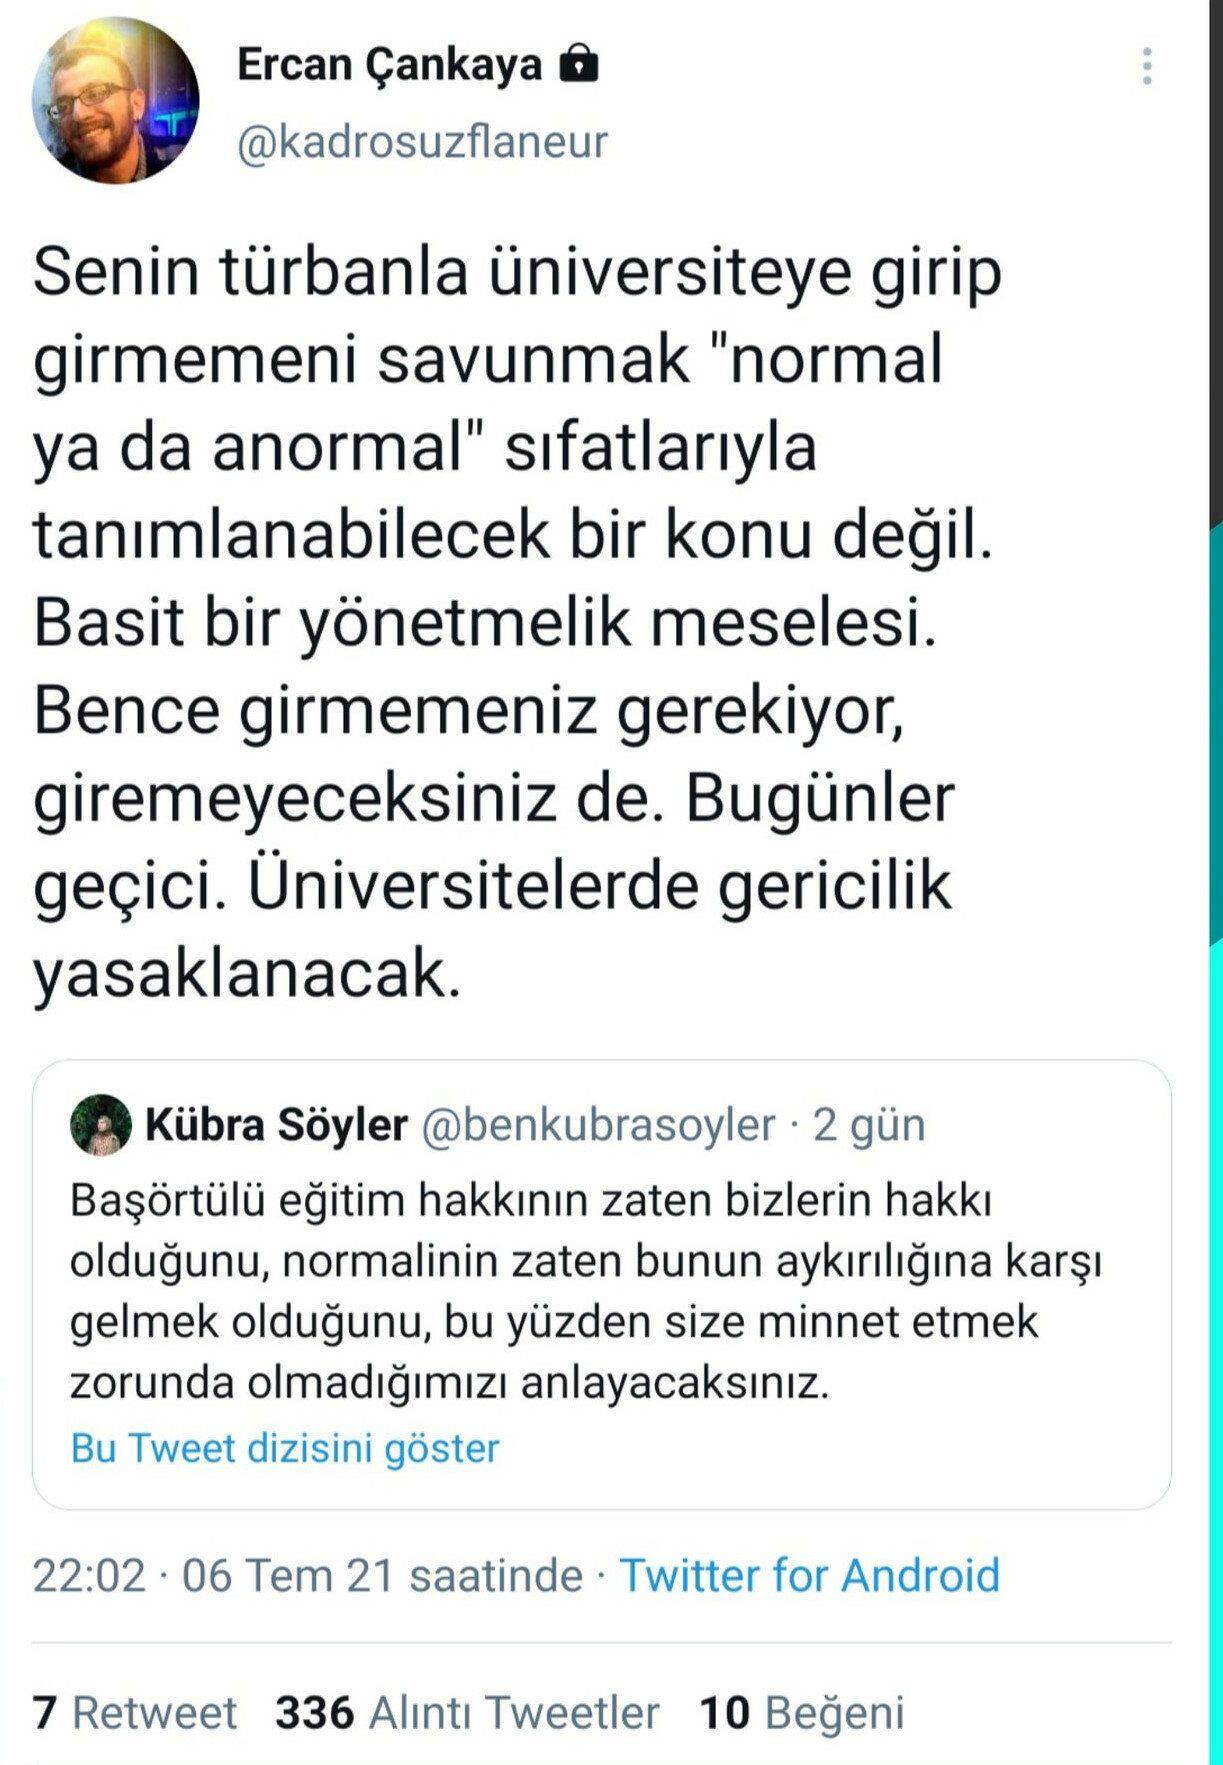 Boğaziçi Üniversitesi öğrencisi Ercan Çankaya kimdir? Nereli? Kaç yaşında?